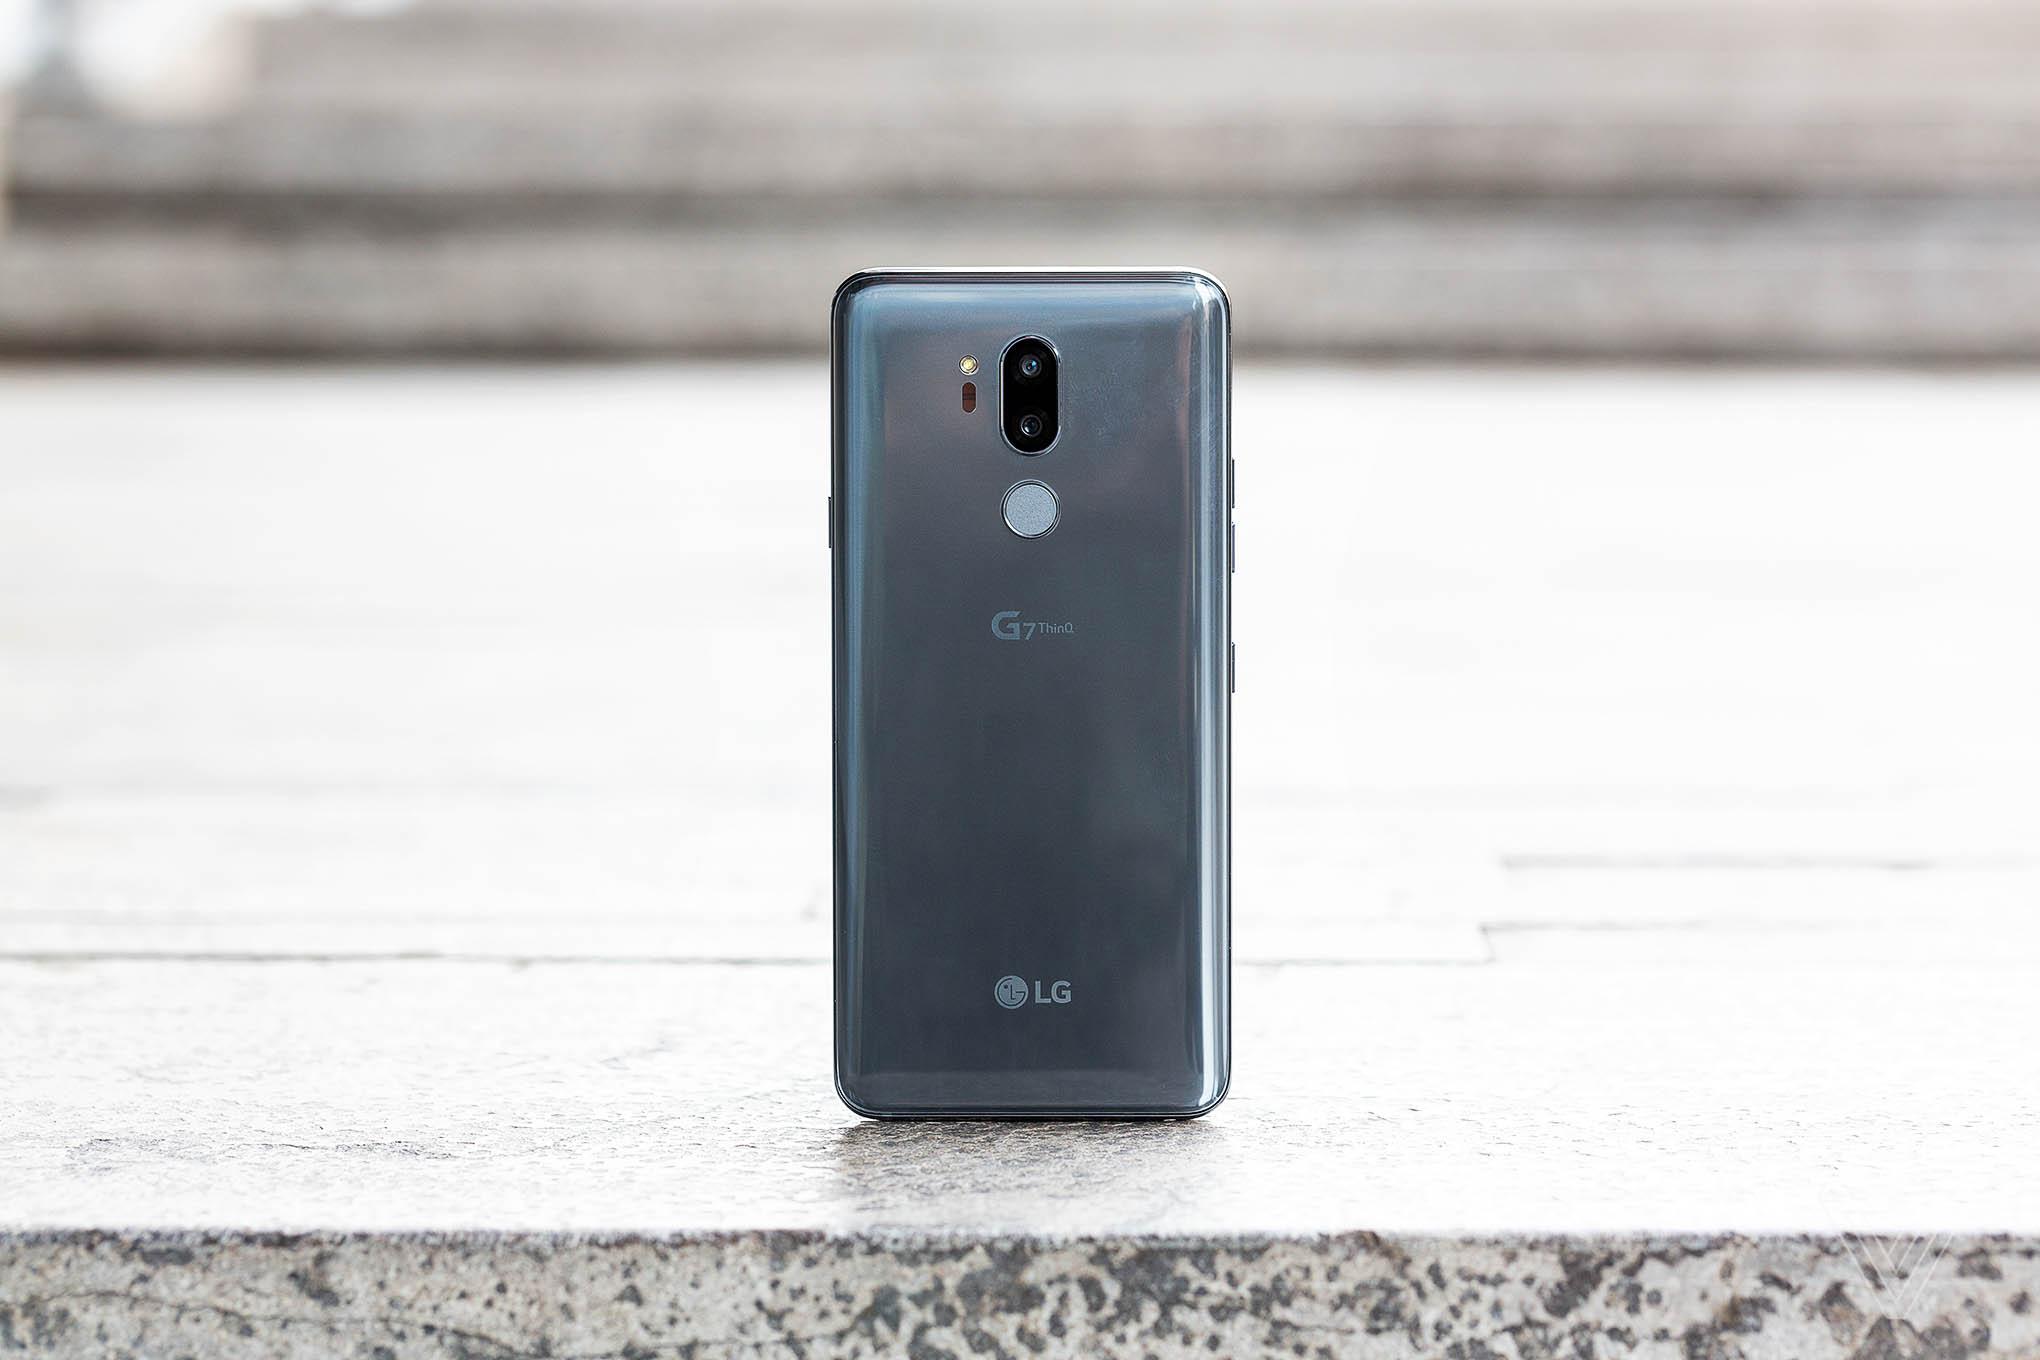 ال جی G7 ThinQ بصورت رسمی معرفی شد / با این گوشی جذاب آشنا شوید